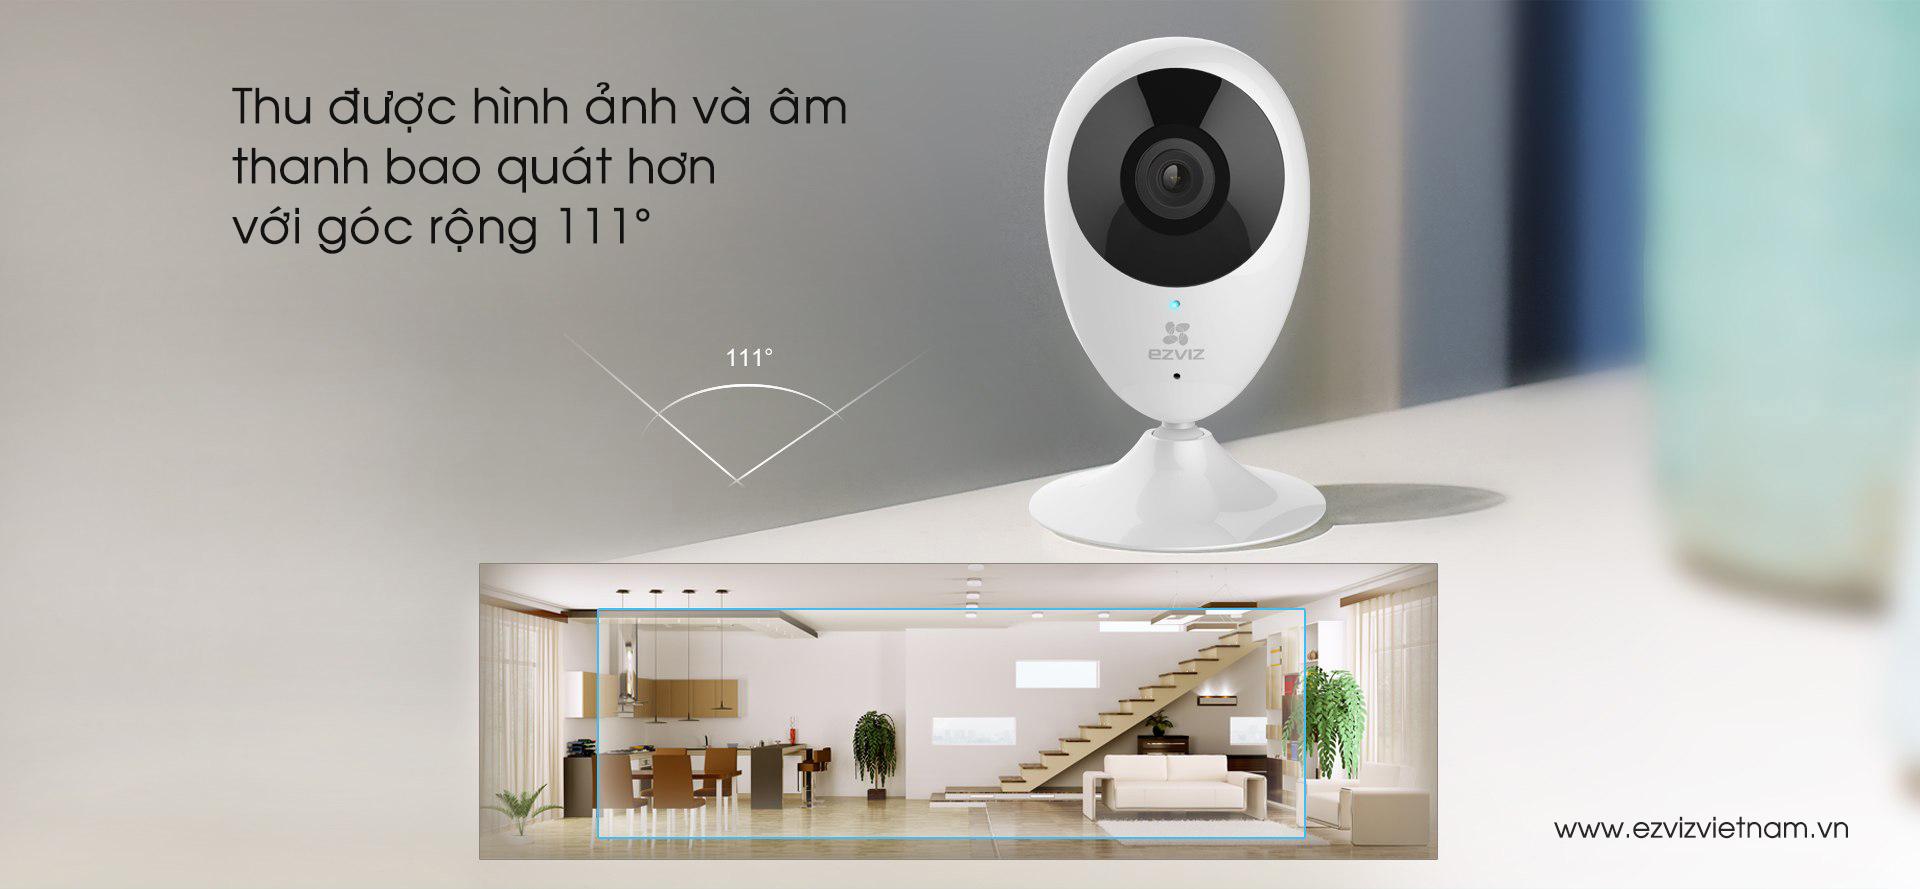 Địa chỉ bán Camera Wifi EZVIZ C2C 720P (CS-CV206-C0-1A1WFR) uy tín